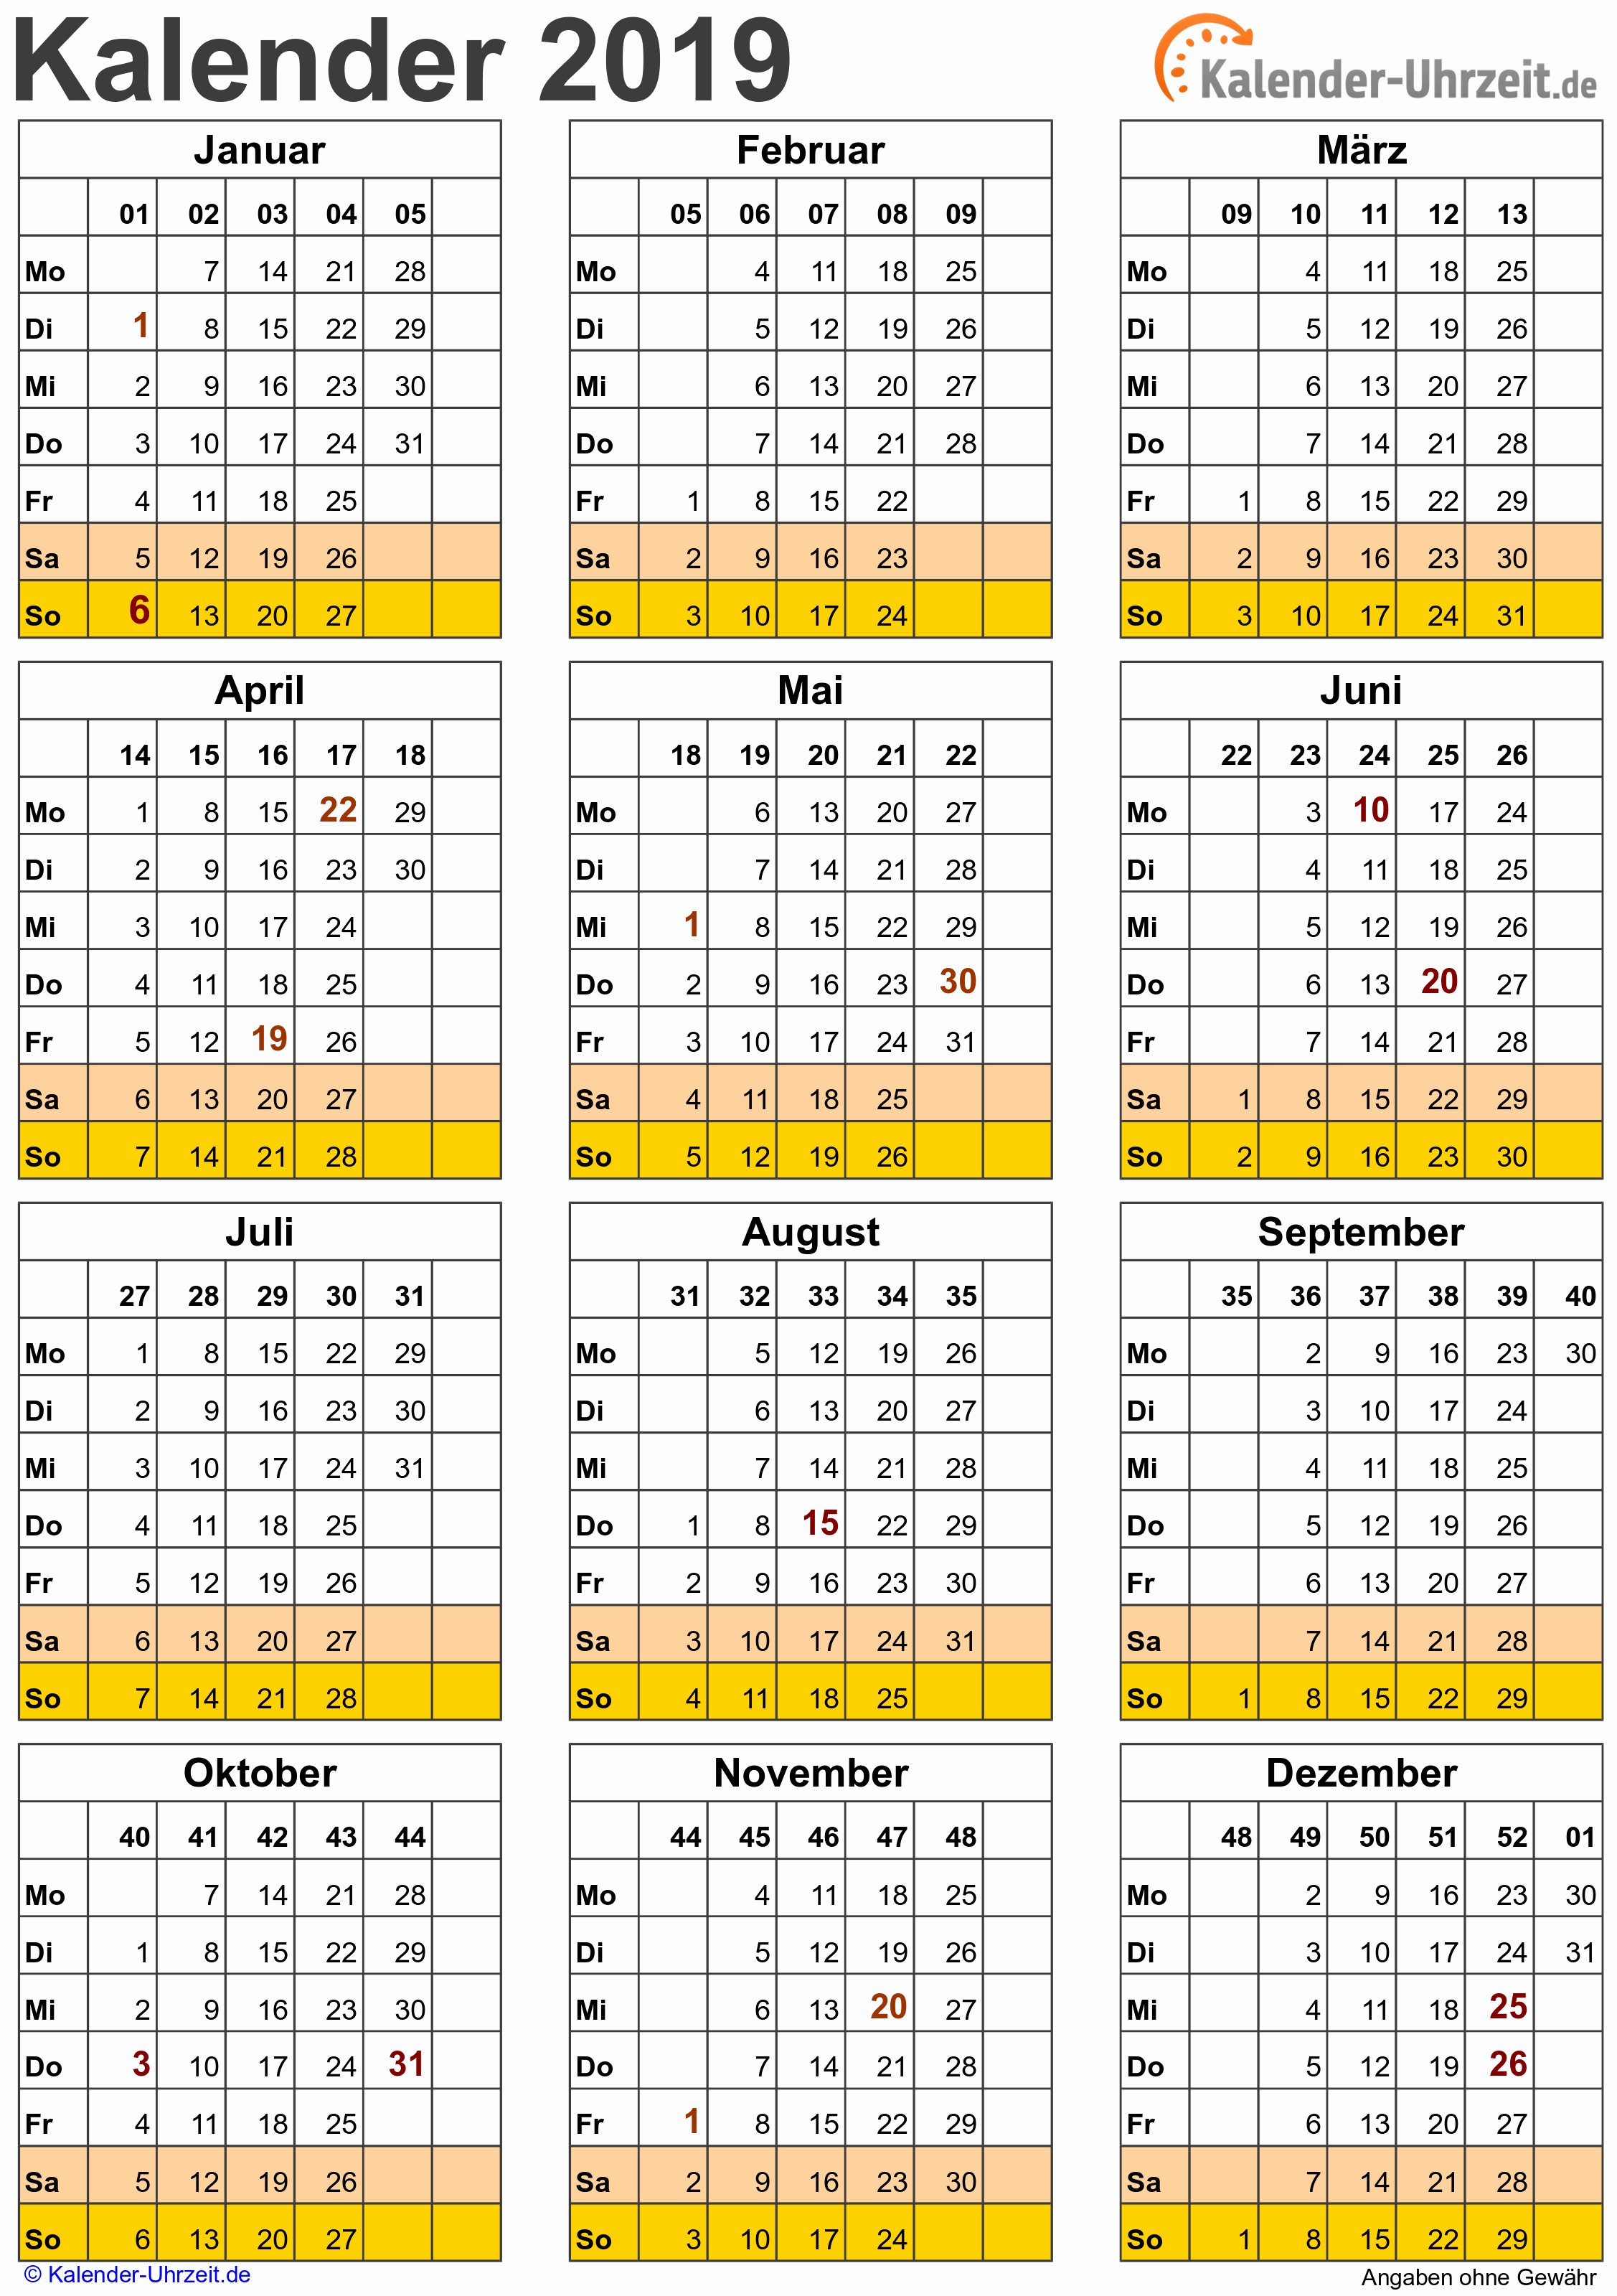 Kalender 2019 Indonesia Pdf Download Más Actual Pdf Kalender 2019 2020 Bayern Kalender 2019 Zum Ausdrucken Kostenlos Of Kalender 2019 Indonesia Pdf Download Recientes Kalender Ausdrucken Von Bis